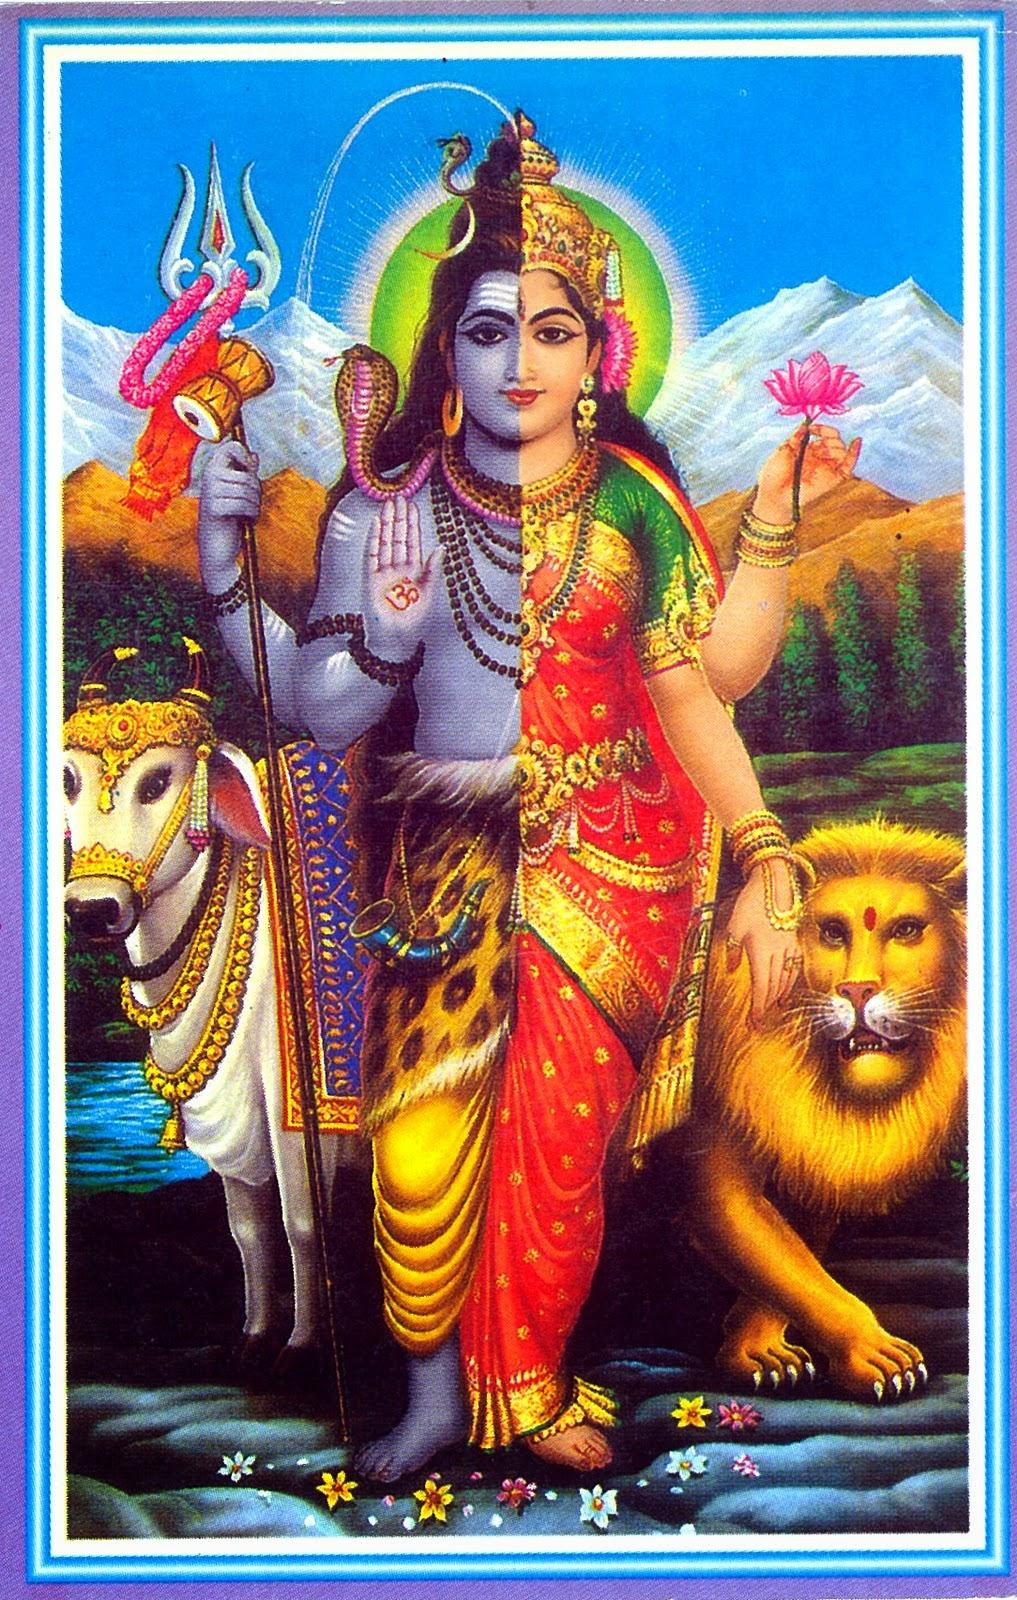 Ardhanarishwara Shiva